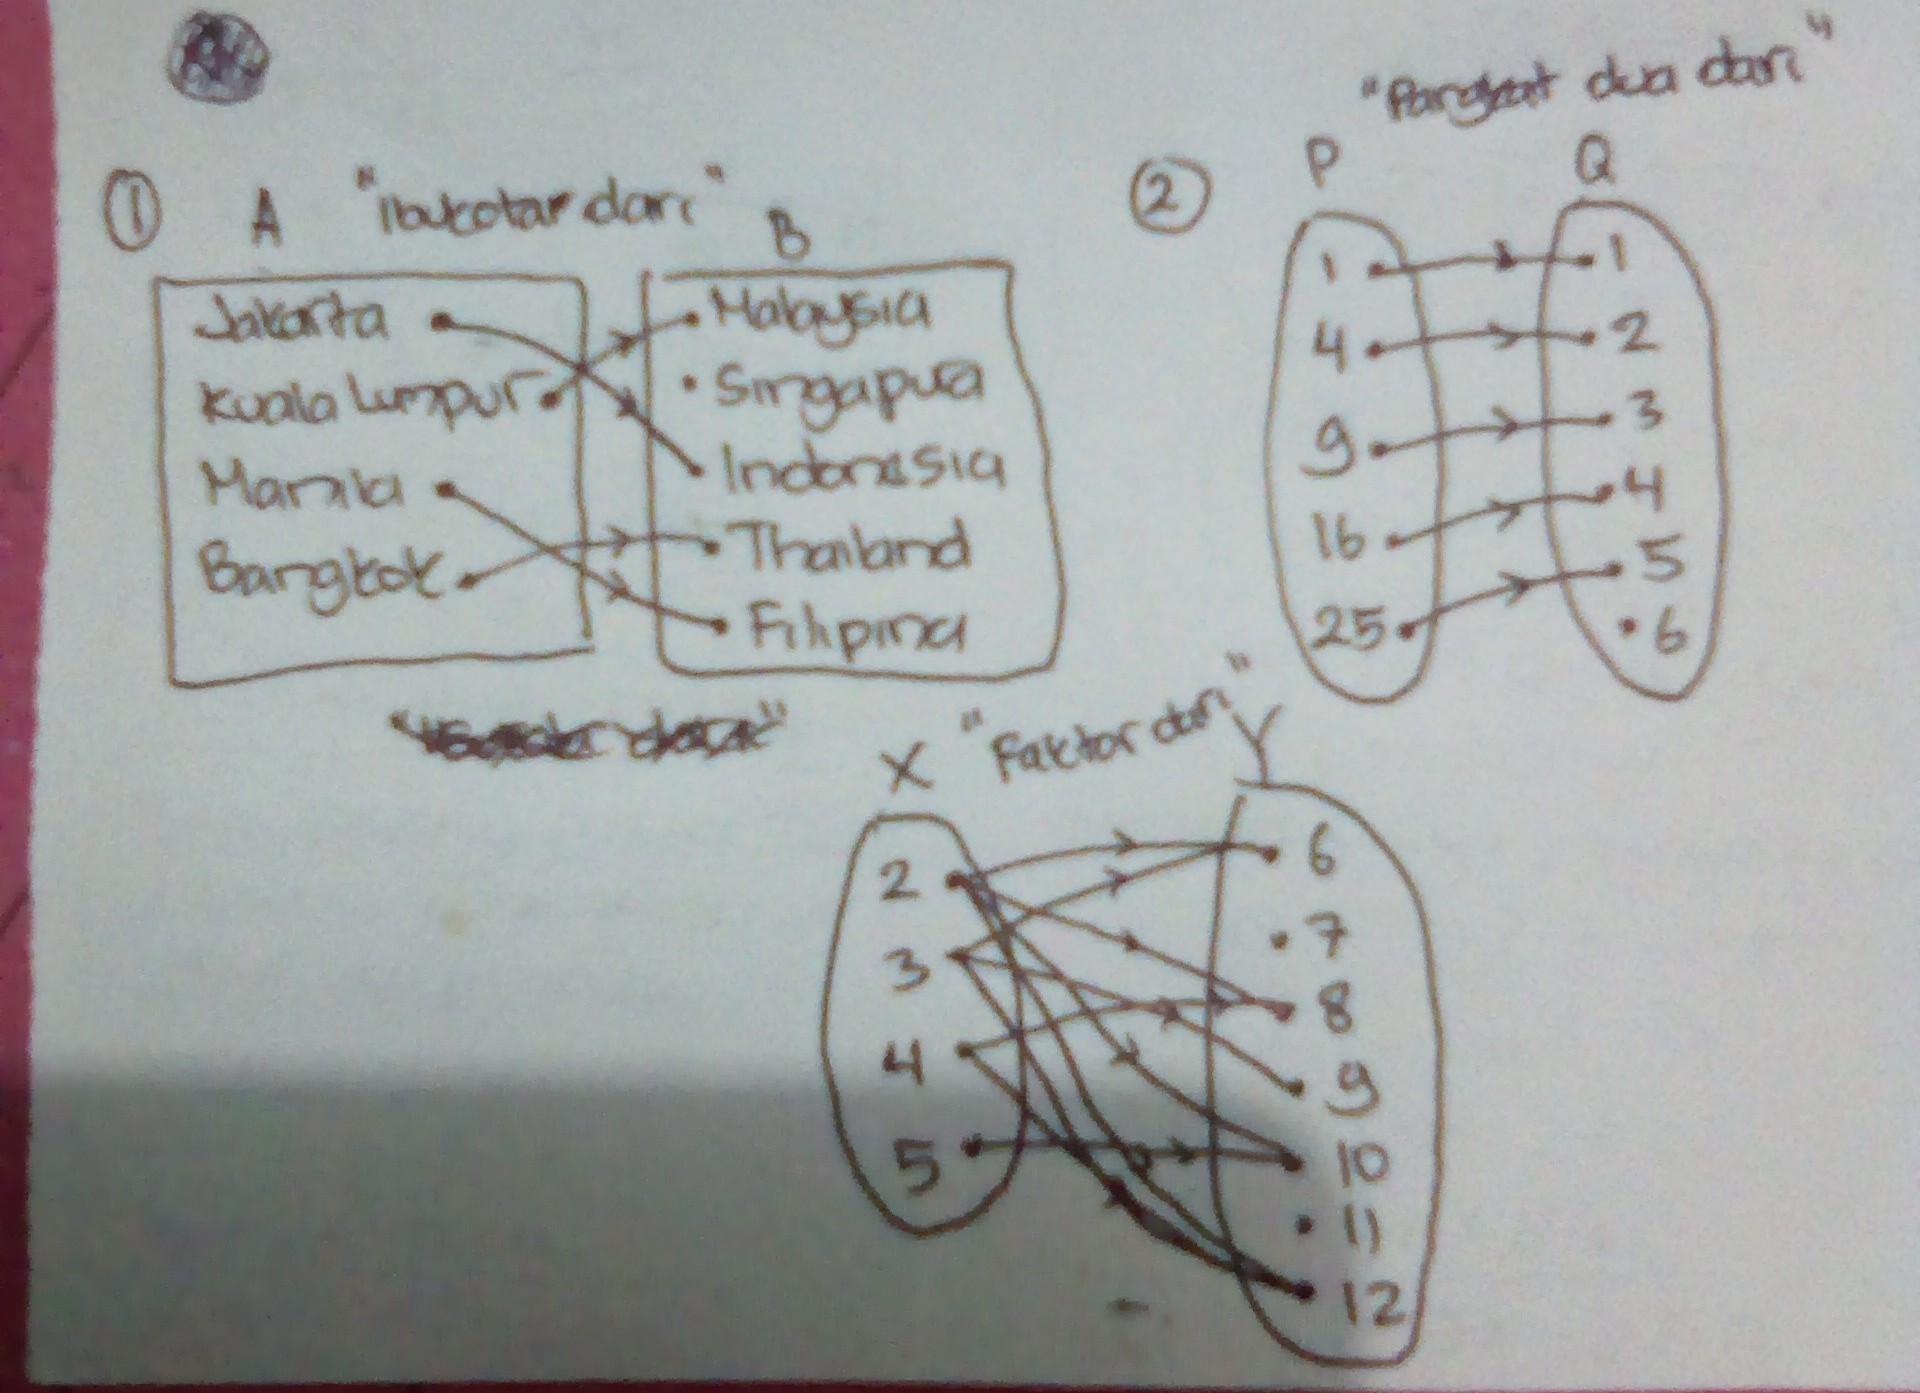 Beri Contoh Relasi Diagram Panah Dan Himpunan Pasangan Berurutan